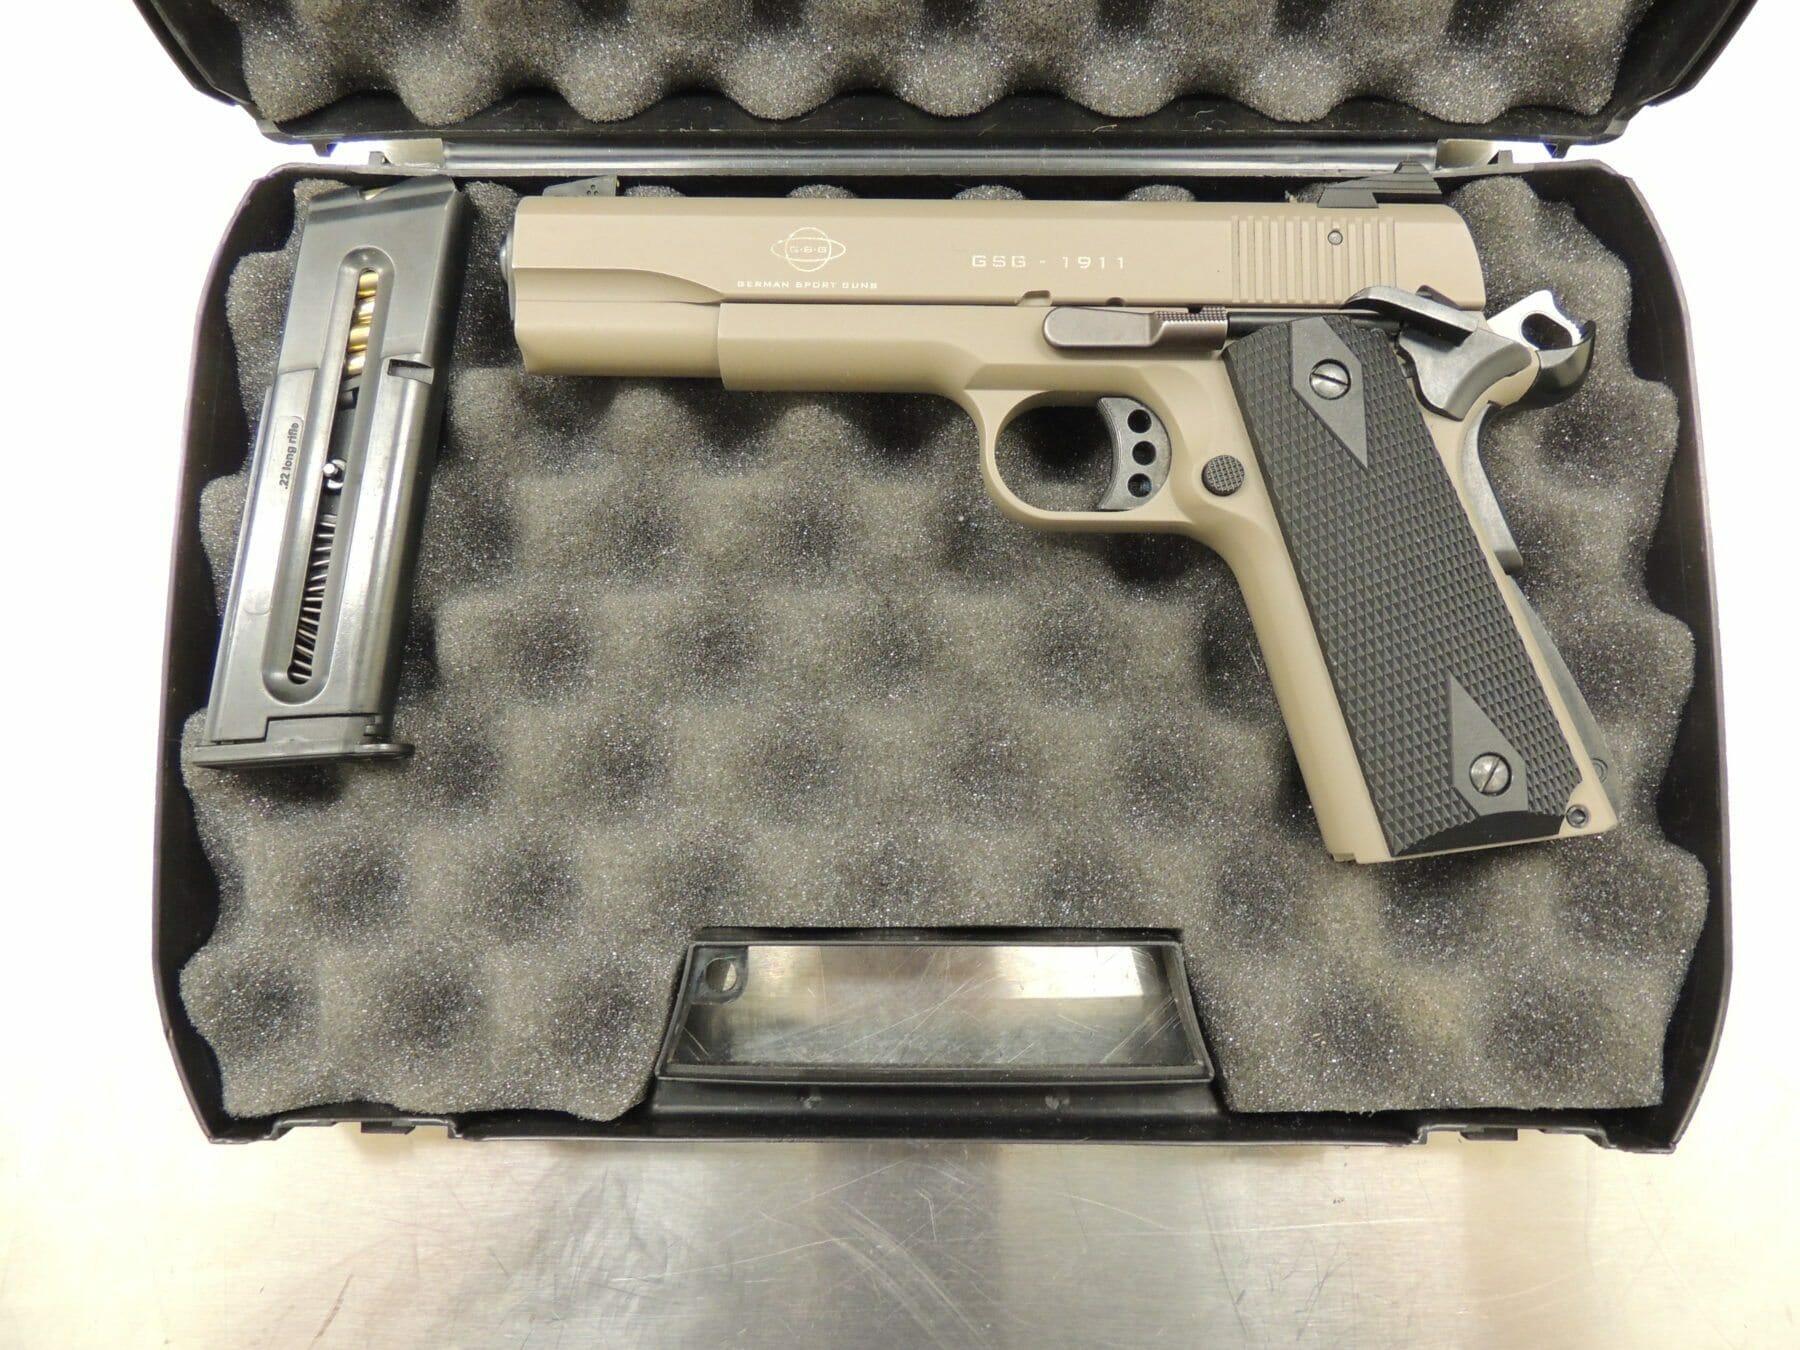 .22LR calibre handgun